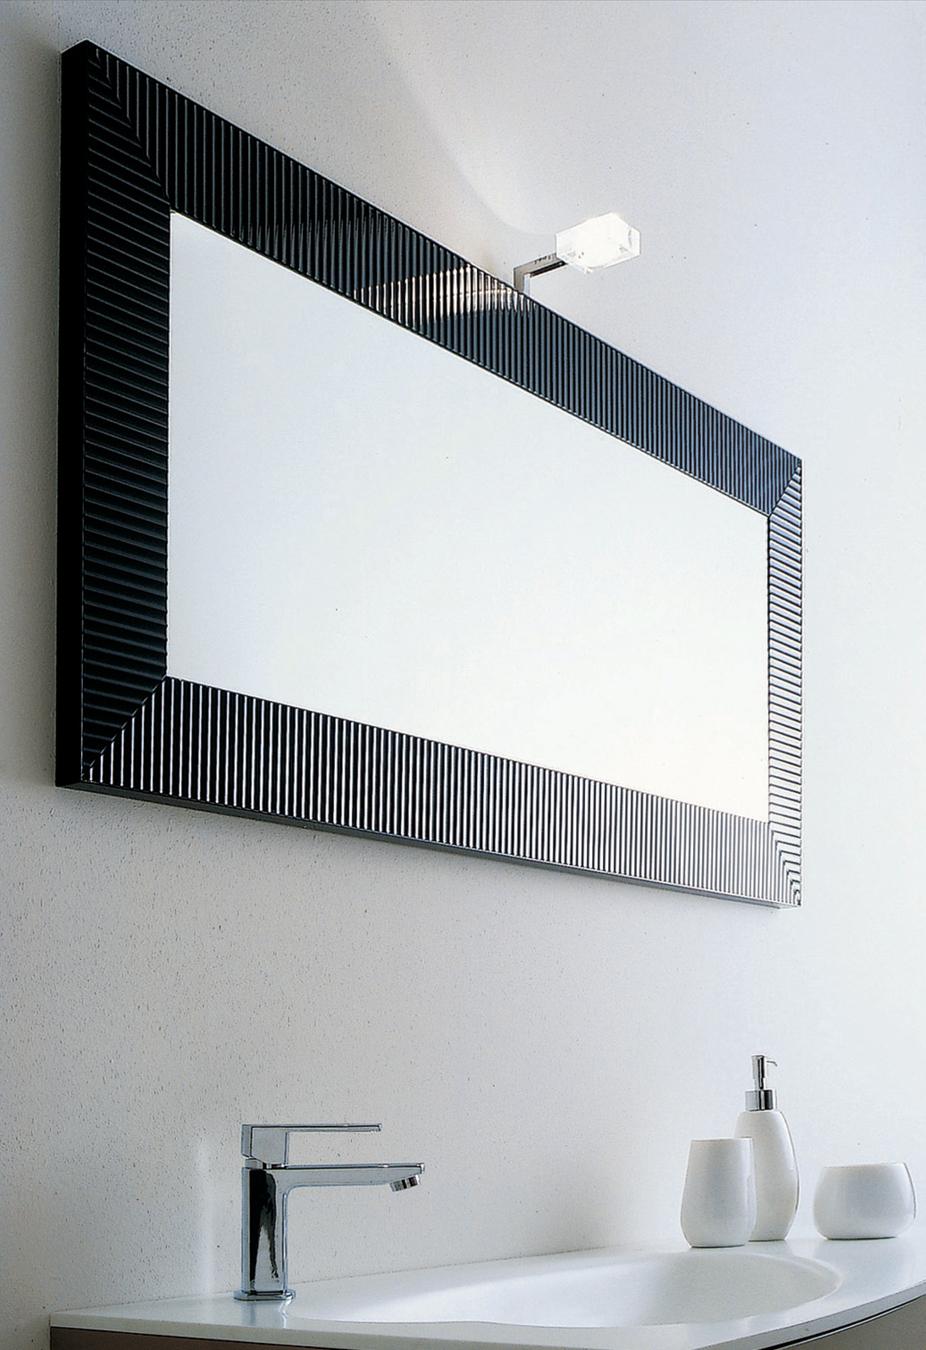 Ebony Illuminated Mirror